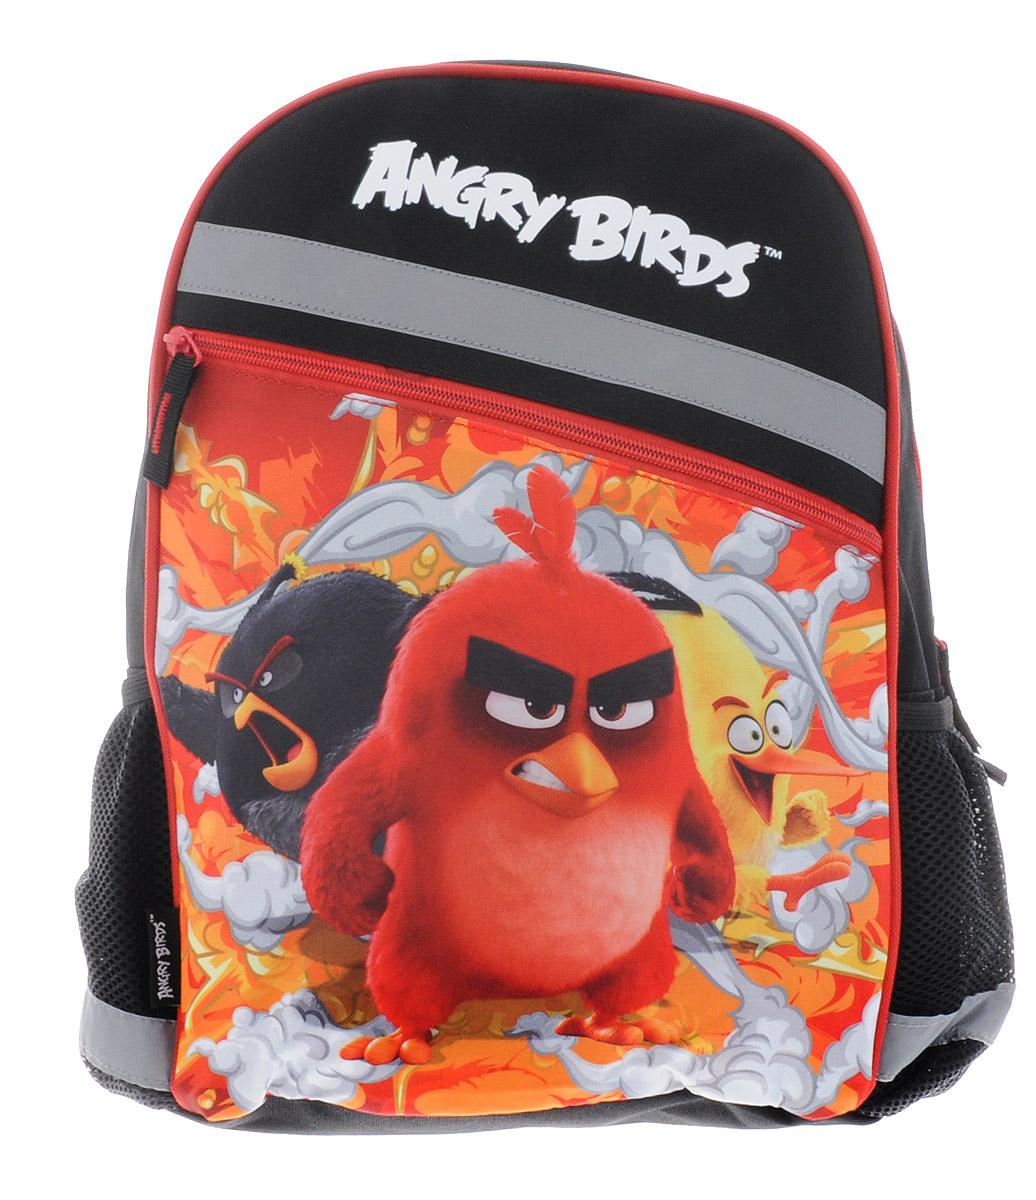 Angry Birds Рюкзак детский цвет горький шоколадABDB-MT1-733Рюкзак Angry Birds станет надежным спутником в получении знаний. Он выполнен из прочного полиэстера, с ярким рисунком злых птичек. Рюкзак имеет одно основное отделение и большой врезной карман снаружи. Основное отделение и карман застегиваются на молнию. Внутри рюкзака имеется разделитель, большой открытый карман для тетрадей или гаджетов и широкая резинка. По бокам рюкзака расположены карманы с сетчатыми вставками на резинке. Благодаря мягкой спинке и широким плечевым ремням, регулирующимся по длине, у ребенка не возникнет проблем с позвоночником. Мягкая спинка выполнена из поролона обтянутого воздухообменной сеткой. Также рюкзак оснащен текстильной ручкой для удобной переноски.Светоотражающие вставки не оставят владельца рюкзака незамеченным в темное время суток.